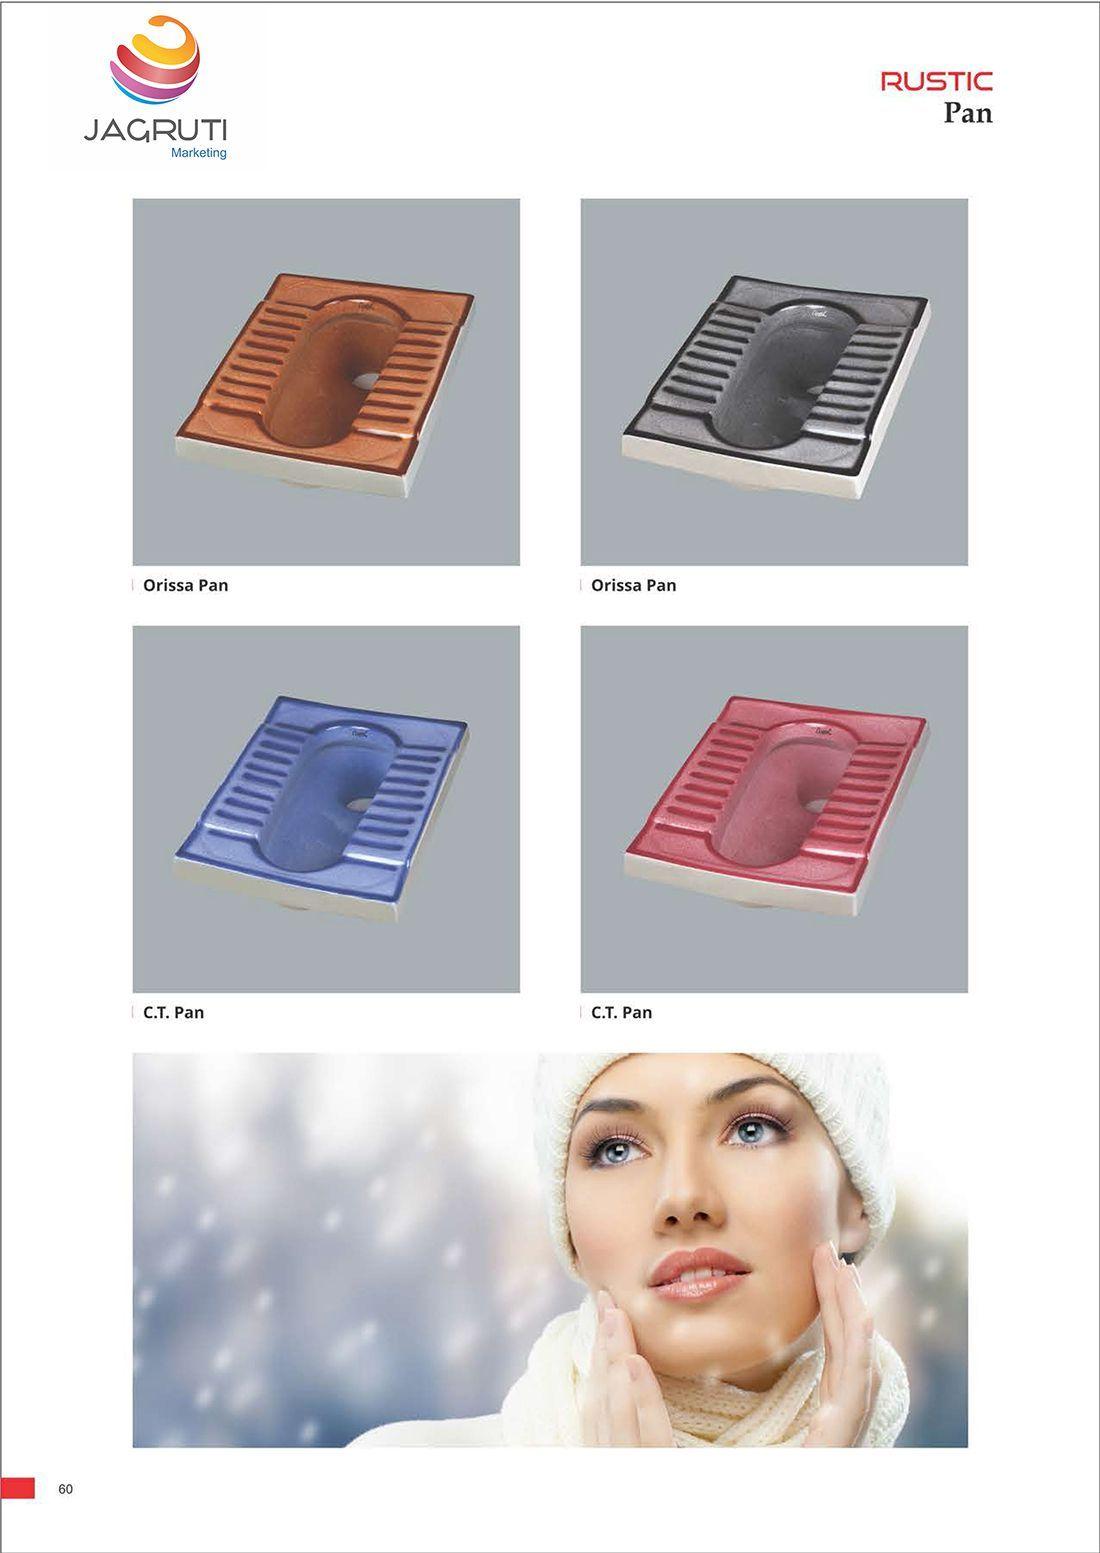 Rustic Pan Sanitaryware More Info Visitour Website Www